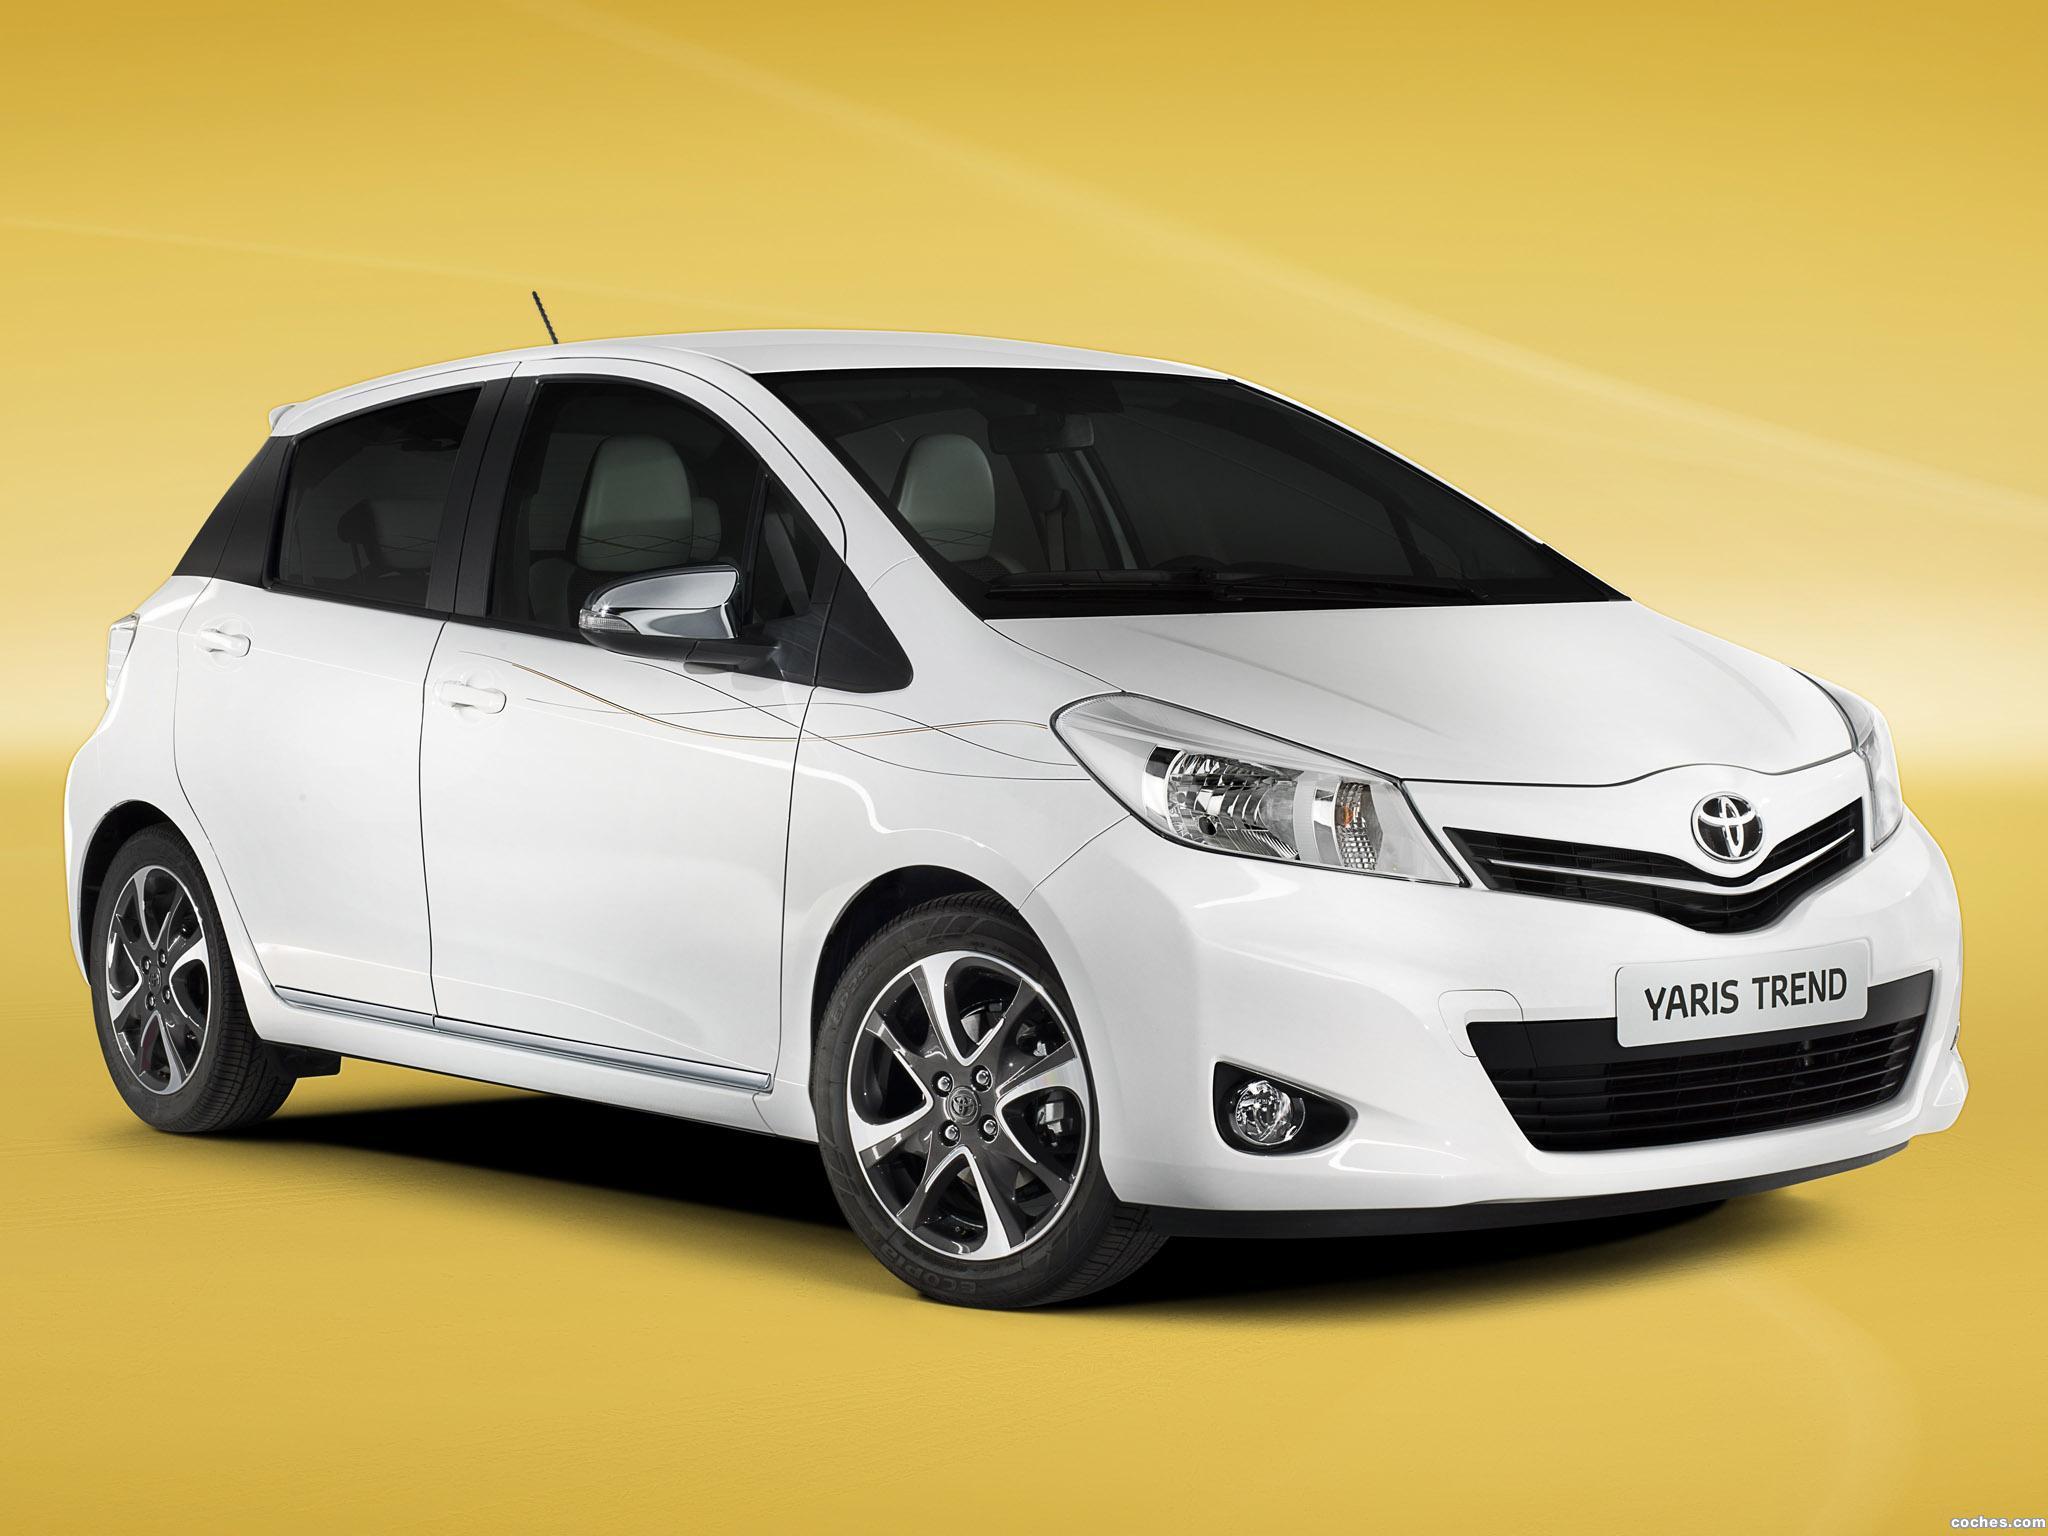 Foto 0 de Toyota Yaris Trend 5 puertas 2012